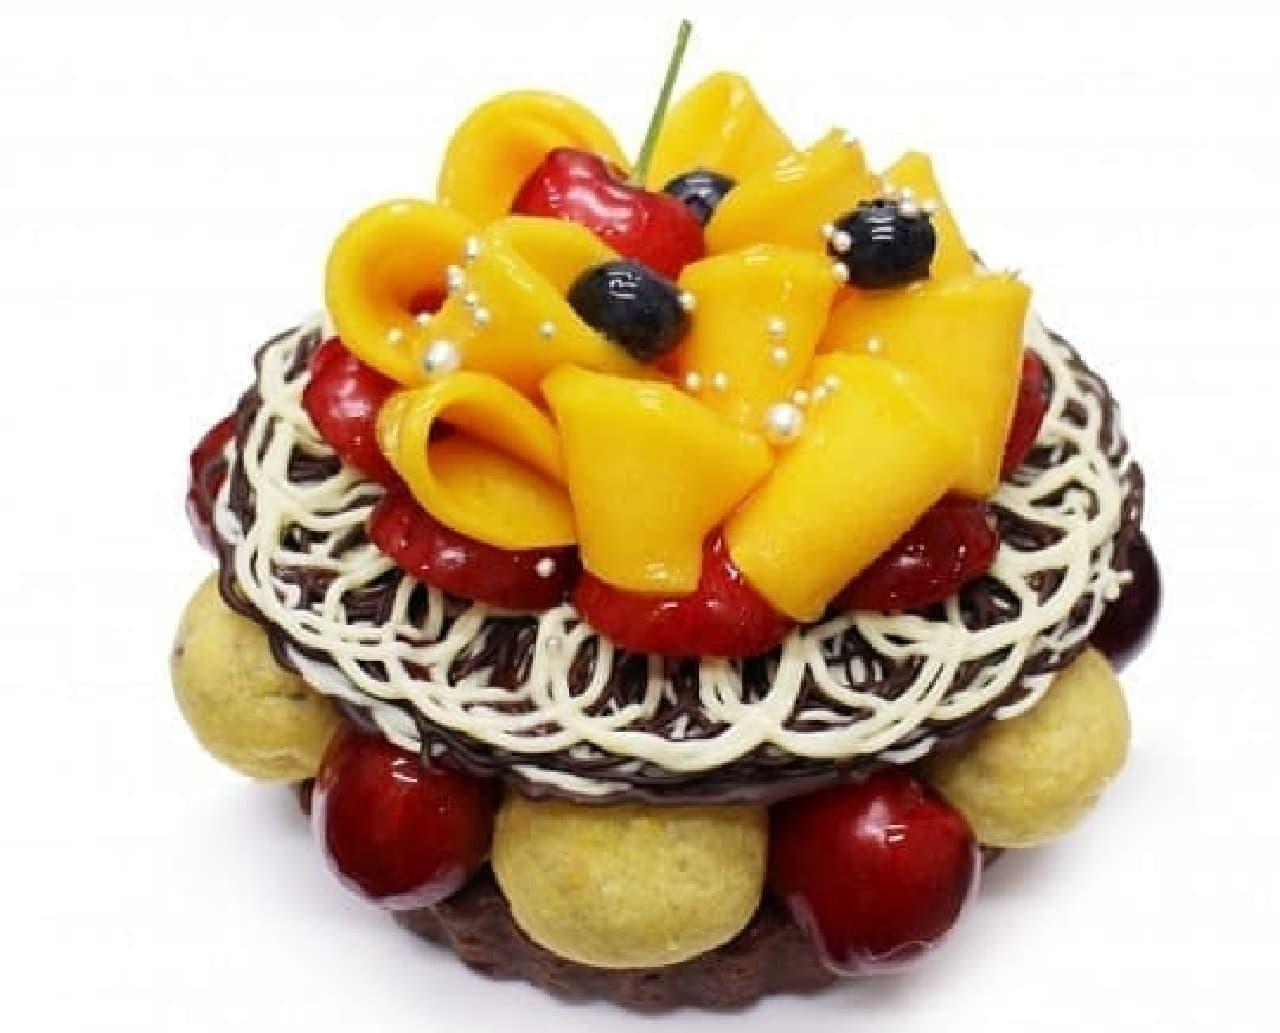 カフェコムサ「To my loving Daddy~マンゴーとアメリカンチェリーのチョコレートケーキ~」